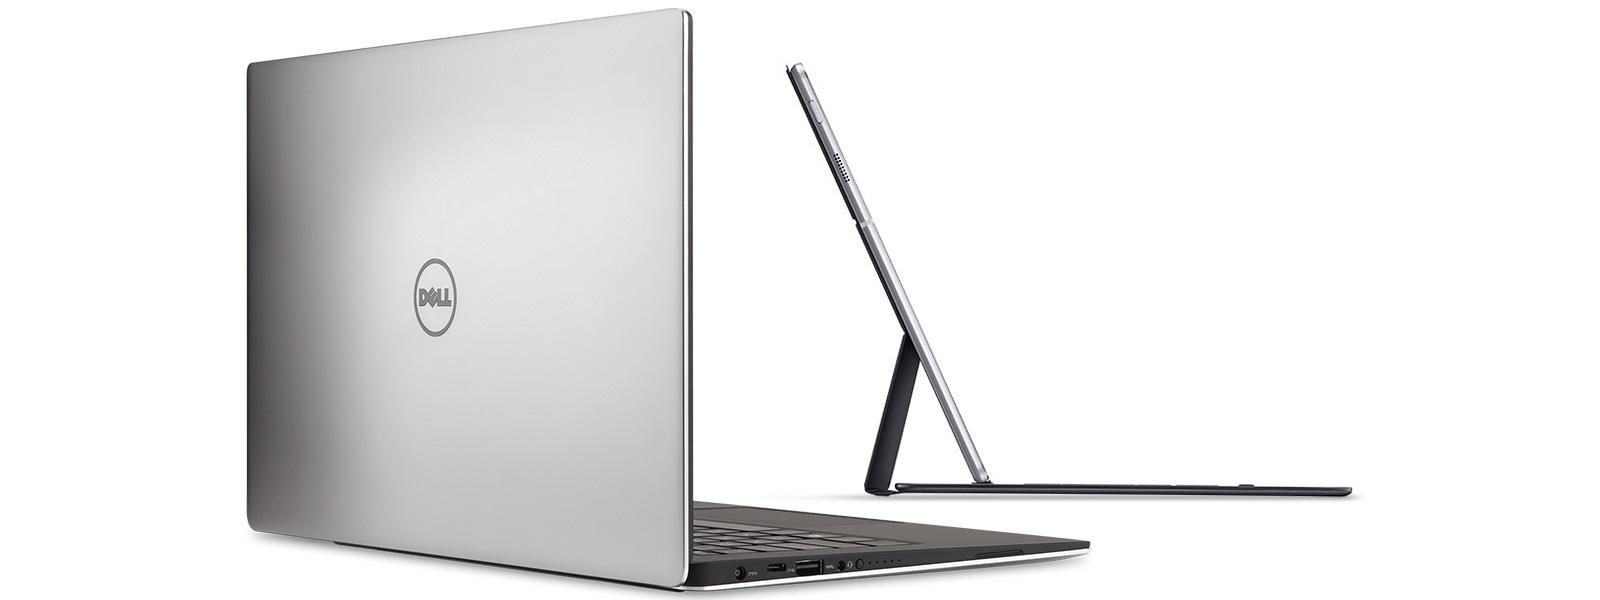 Windows 10 Dell 笔记本电脑